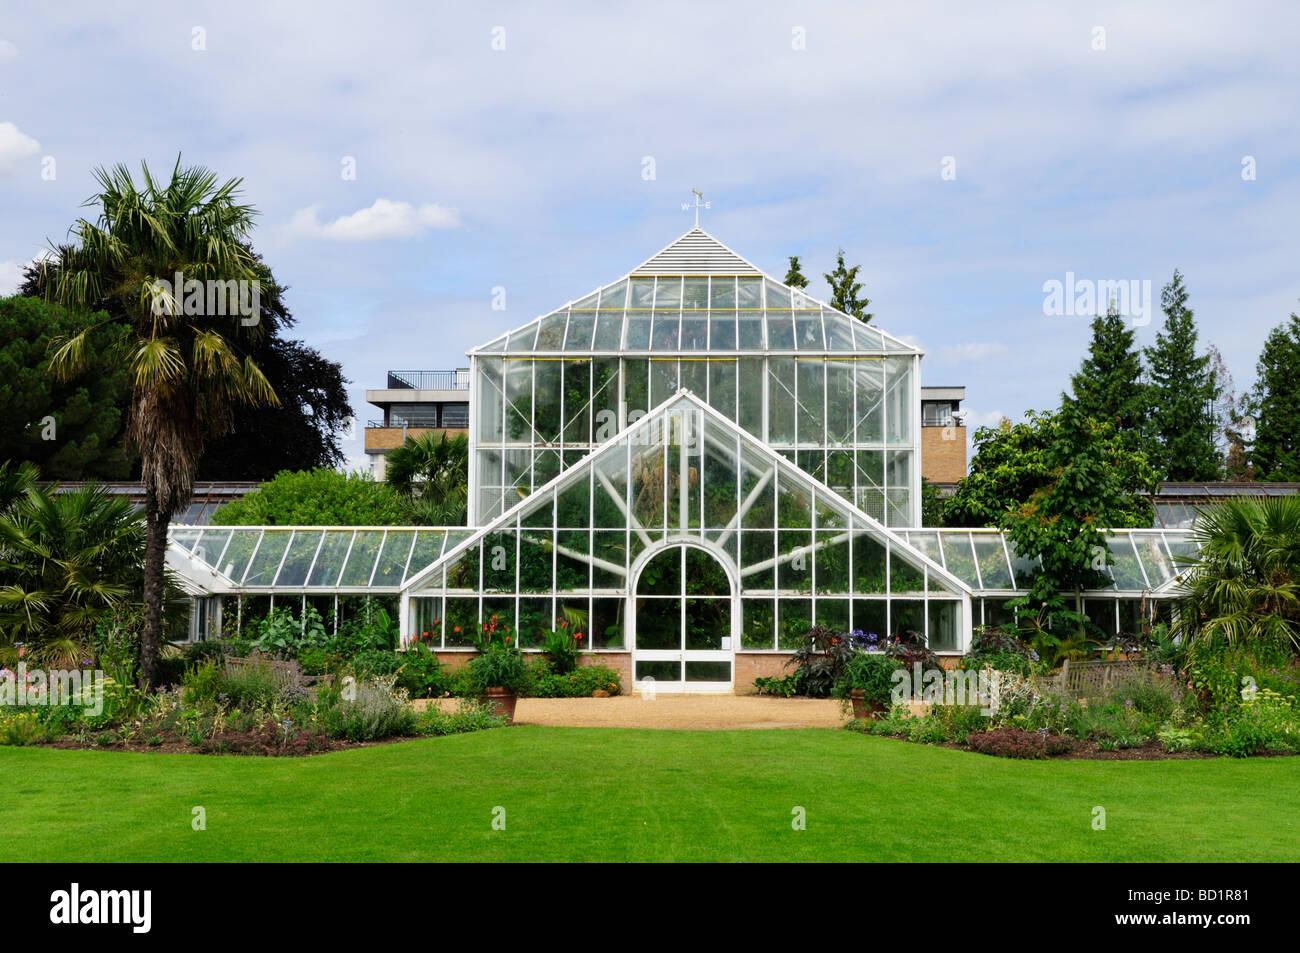 Glasshouses At Cambridge University Botanical Gardens